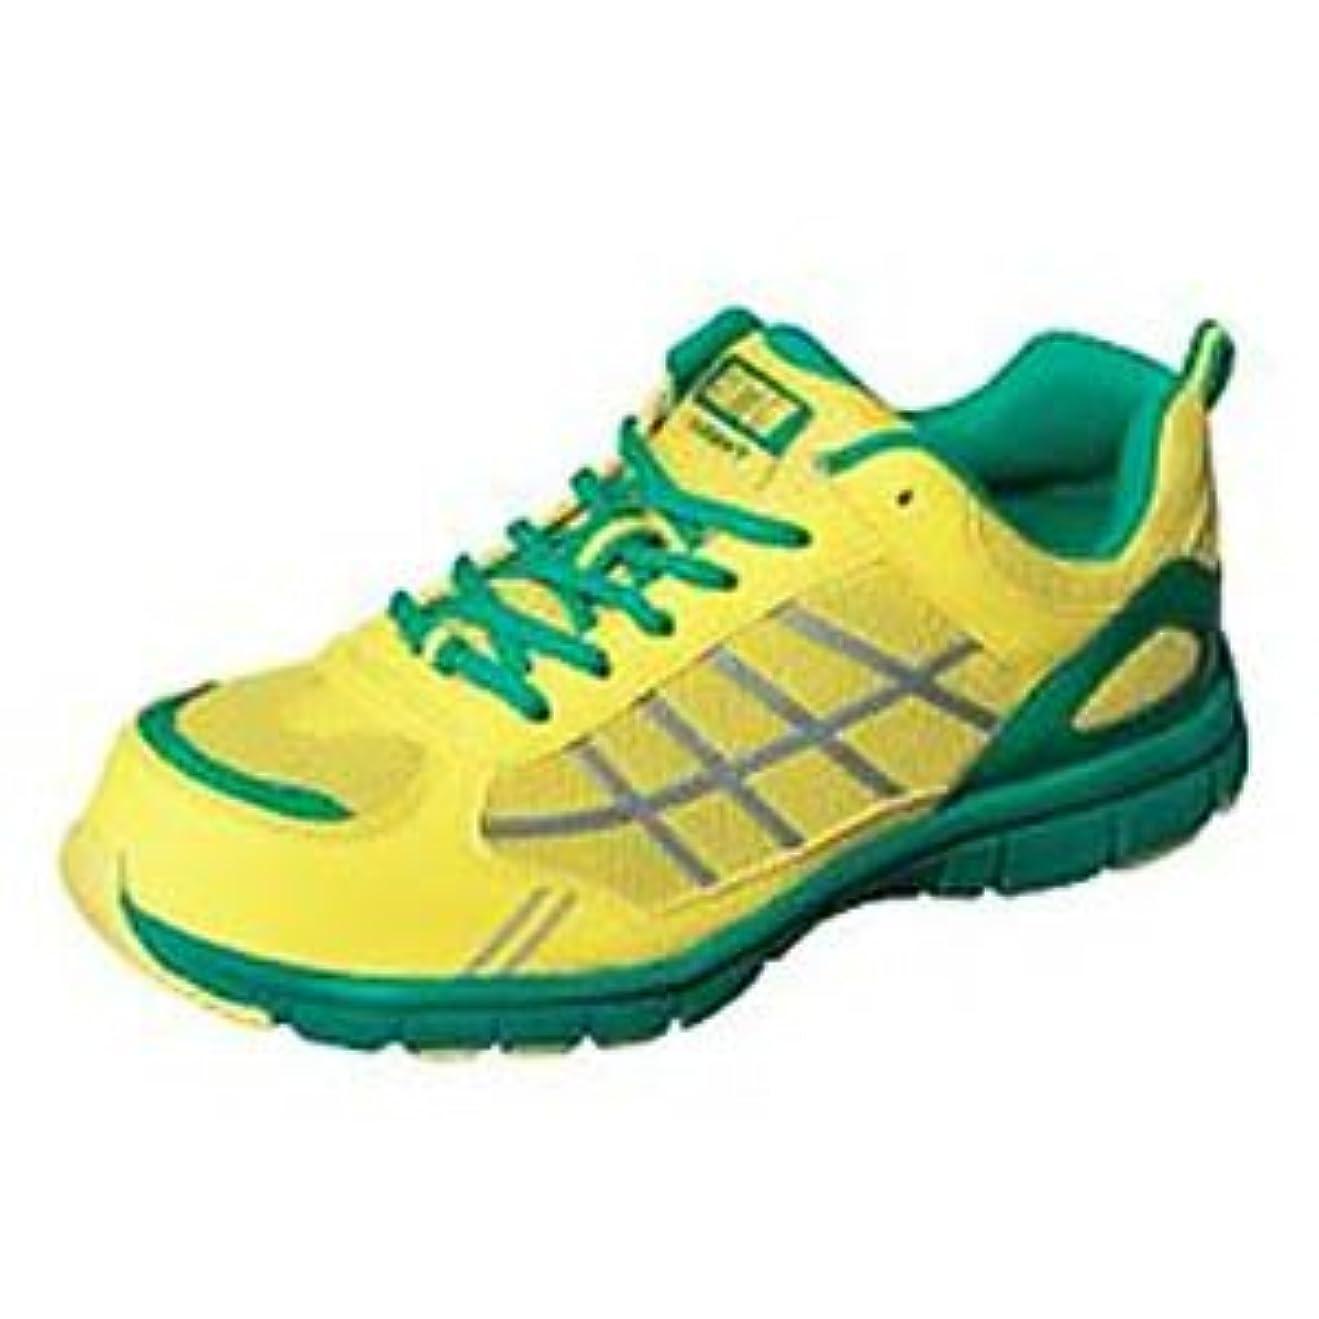 調整可能後方に疑い弘進ゴム/ファントムライトFL-550/安全作業靴 スニーカー サイズ:26.5cm カラー:イエロー